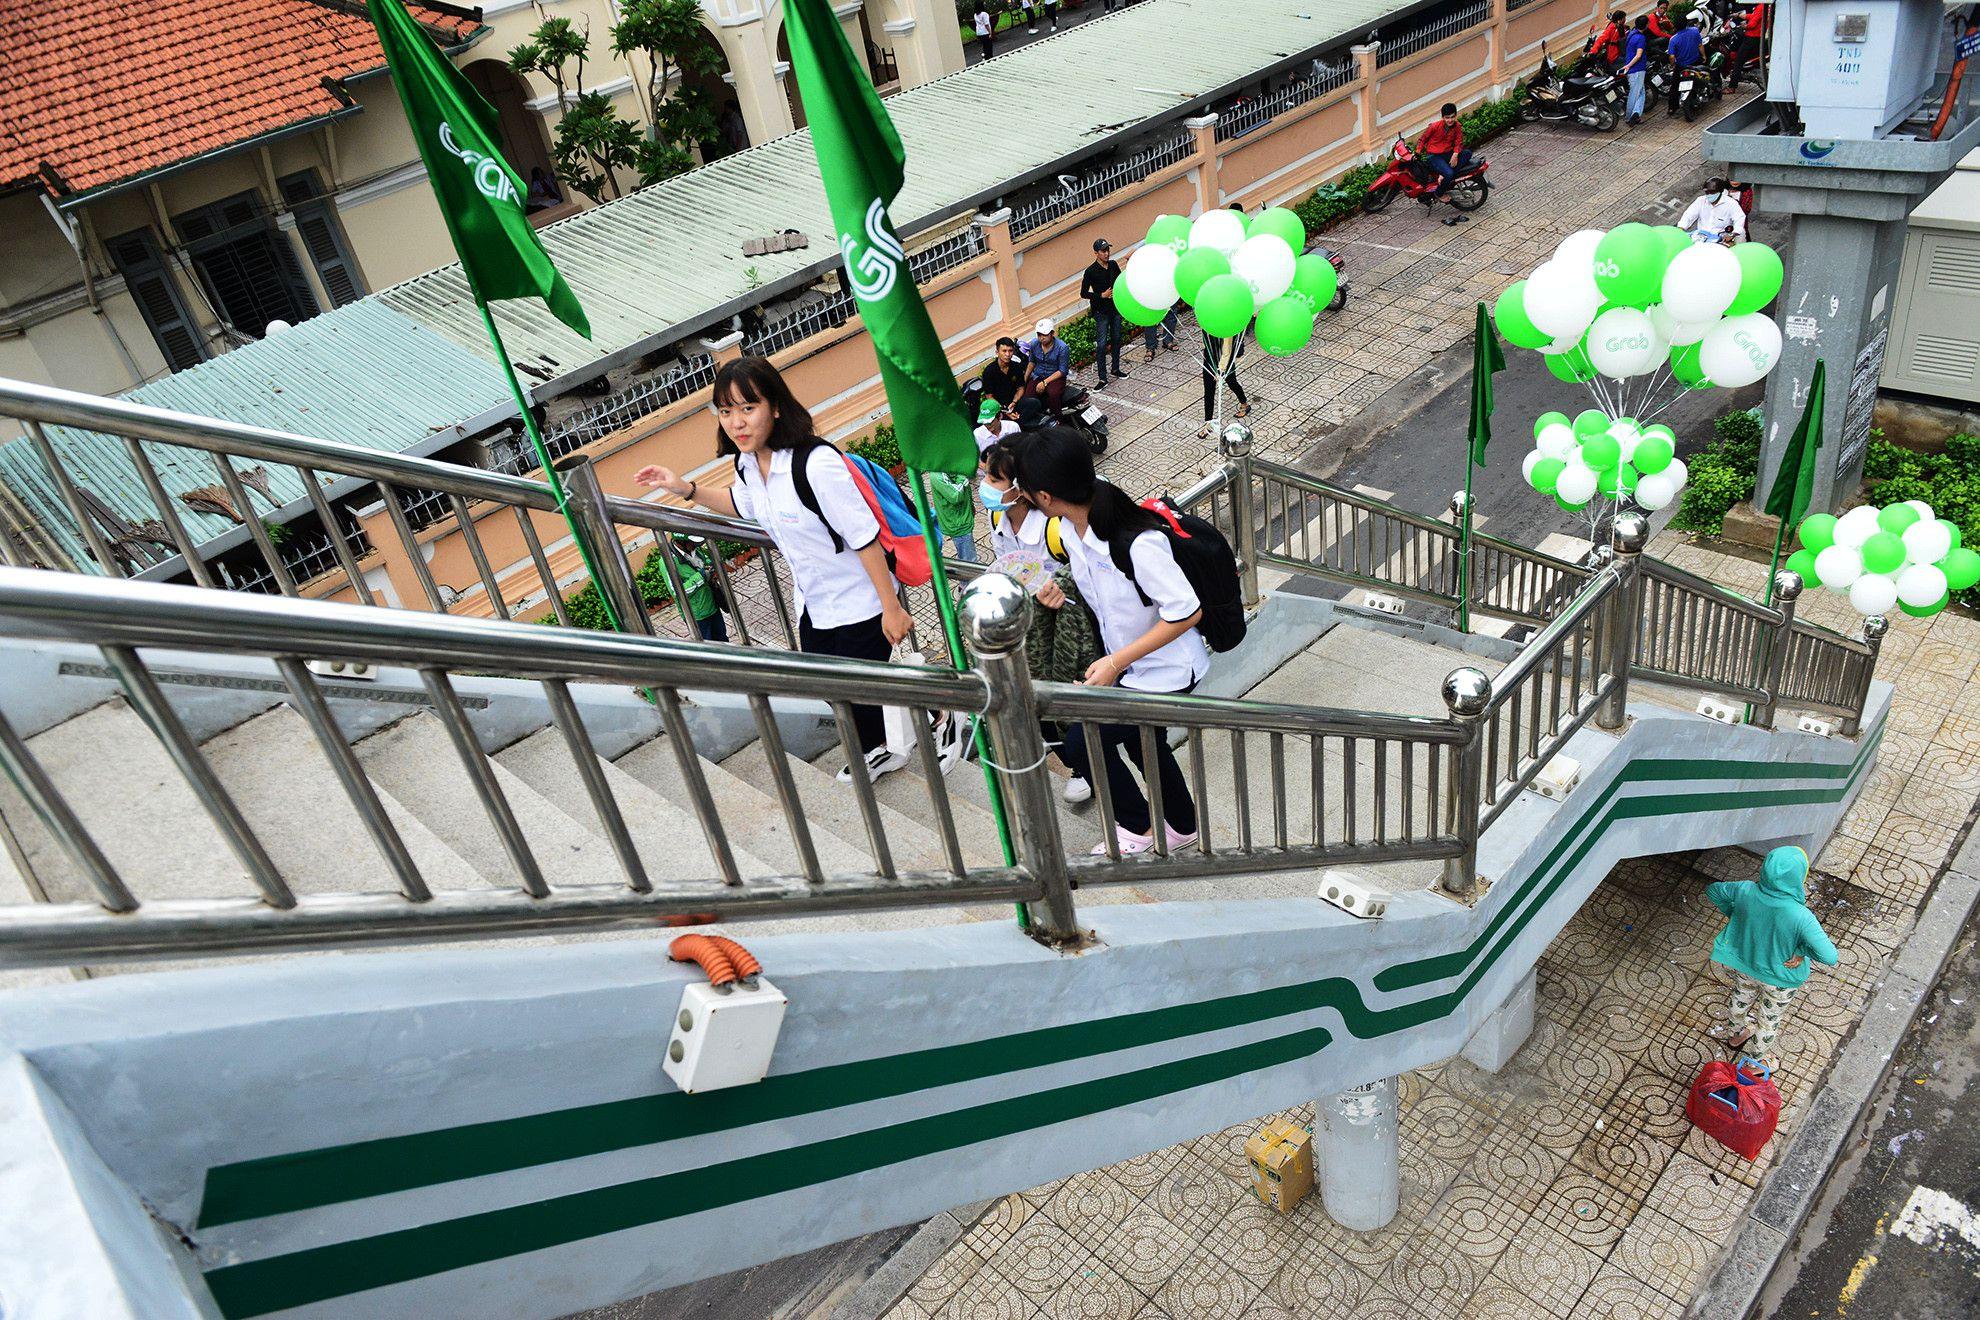 Cầu bộ hành Sài Gòn được phủ xanh, thu hút nhiều bạn trẻ Ảnh 2